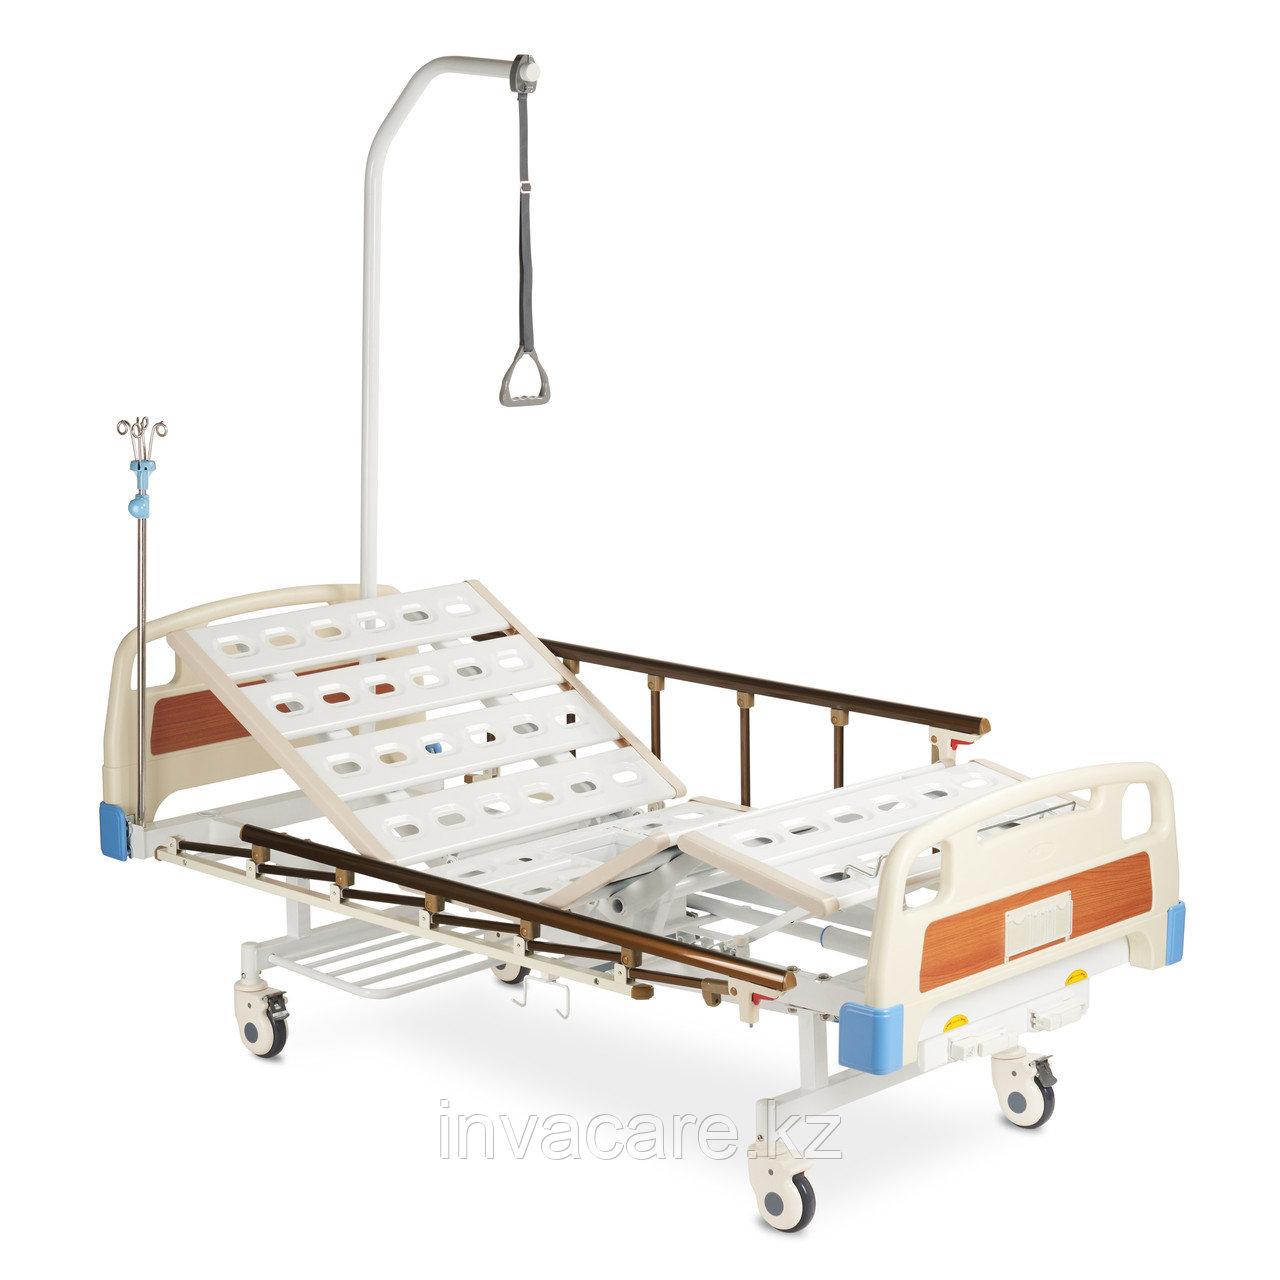 Кровать 4-секционная механическая со специальным санитарным приспособлением  Armed RS104-E